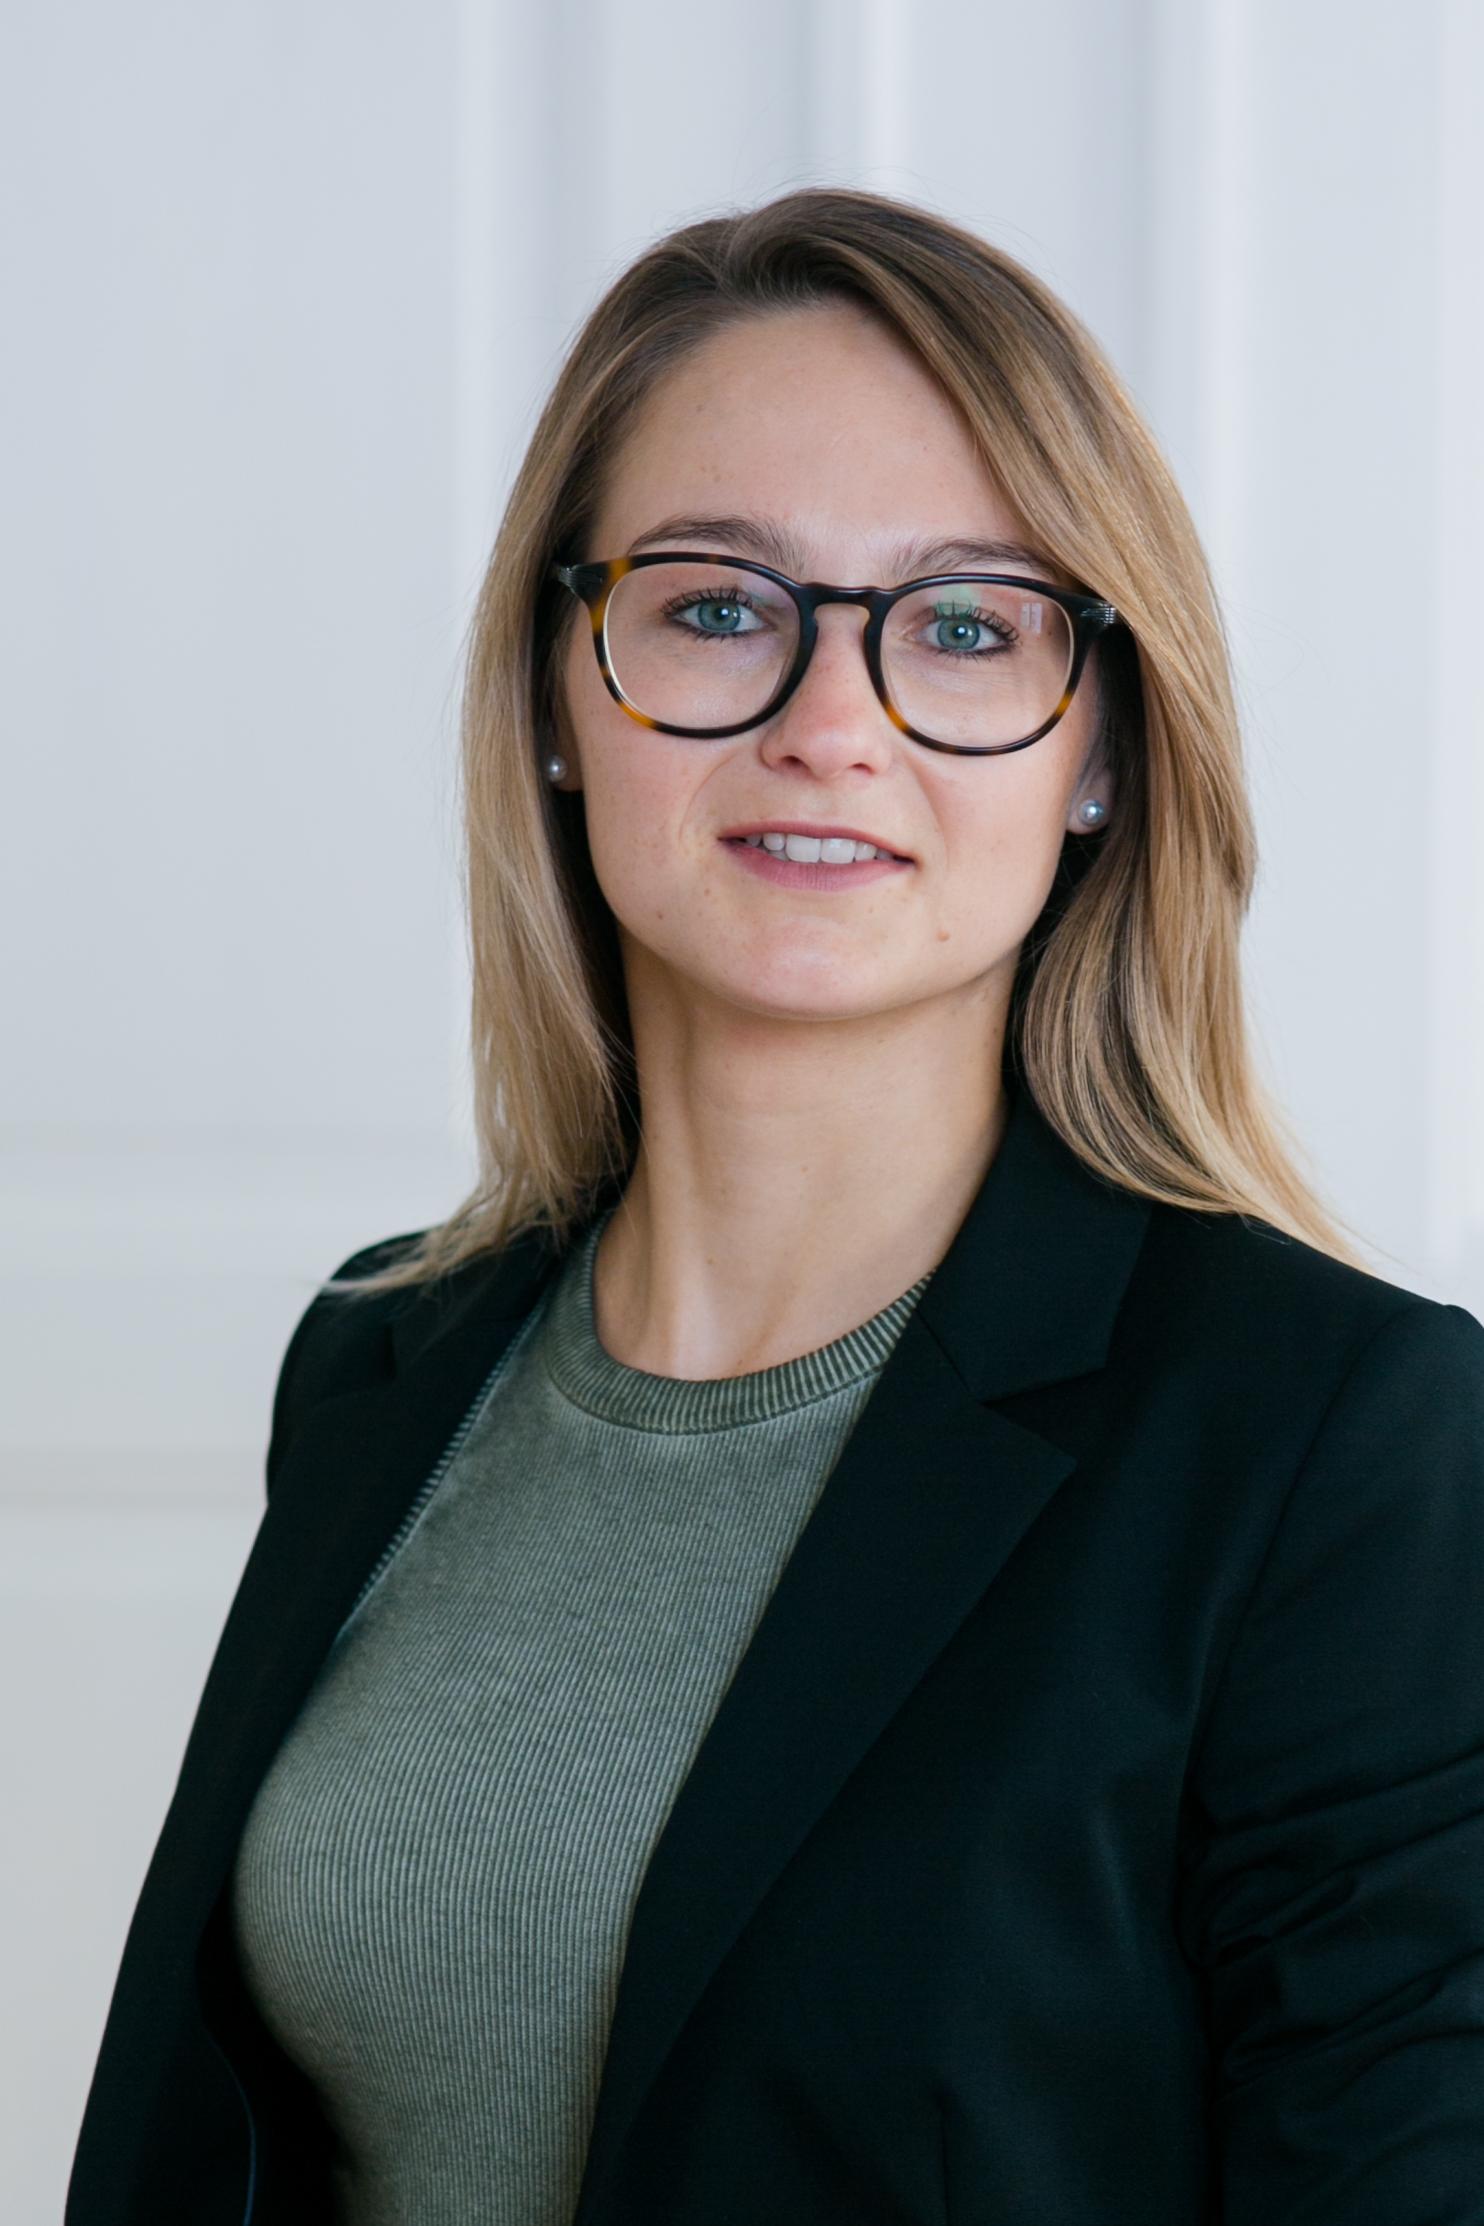 RAin Jacqueline Fliege